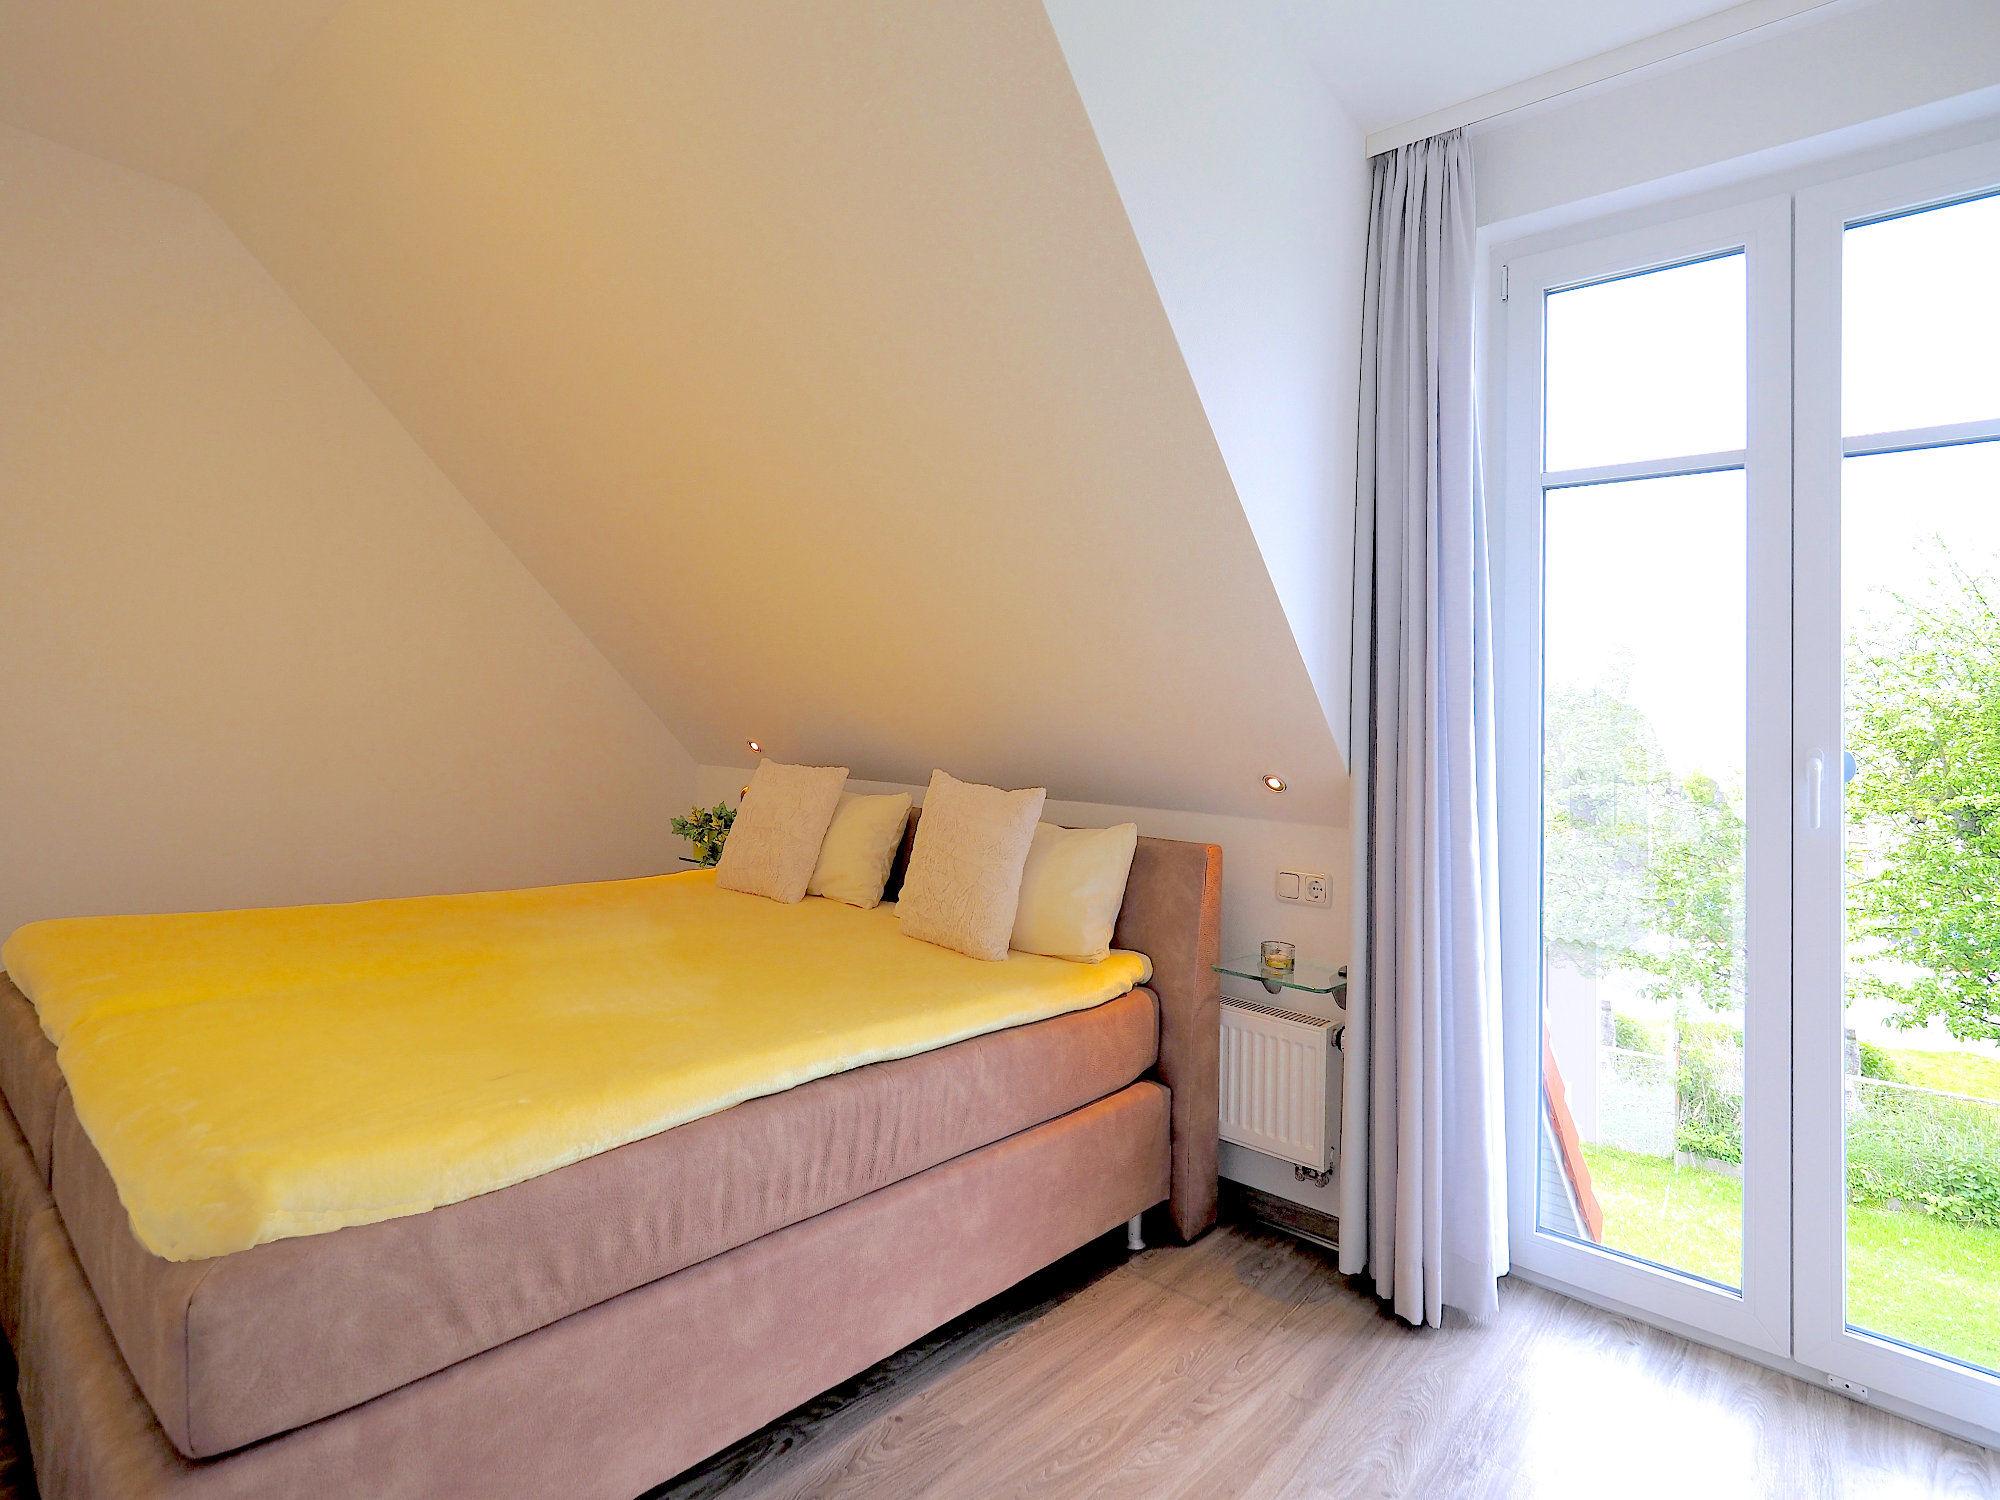 Zweites Schlafzimmer mit Doppelbett und einem großen, bodentiefen Fenster